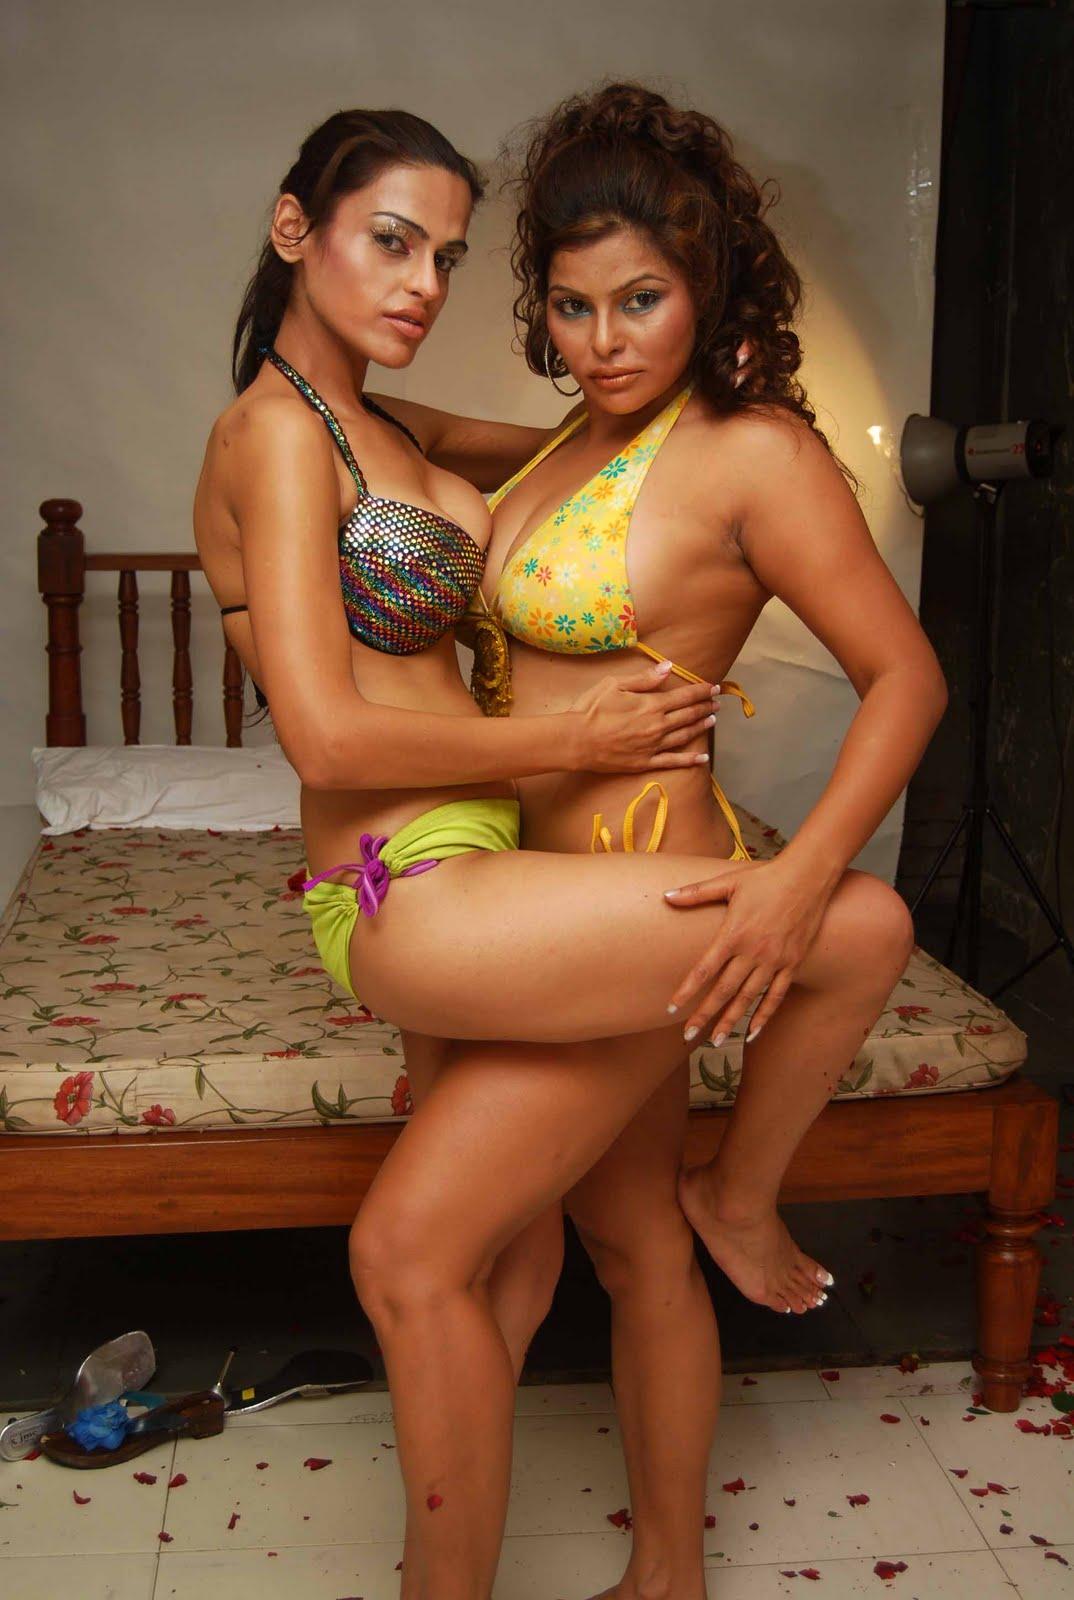 Tamil lesbian